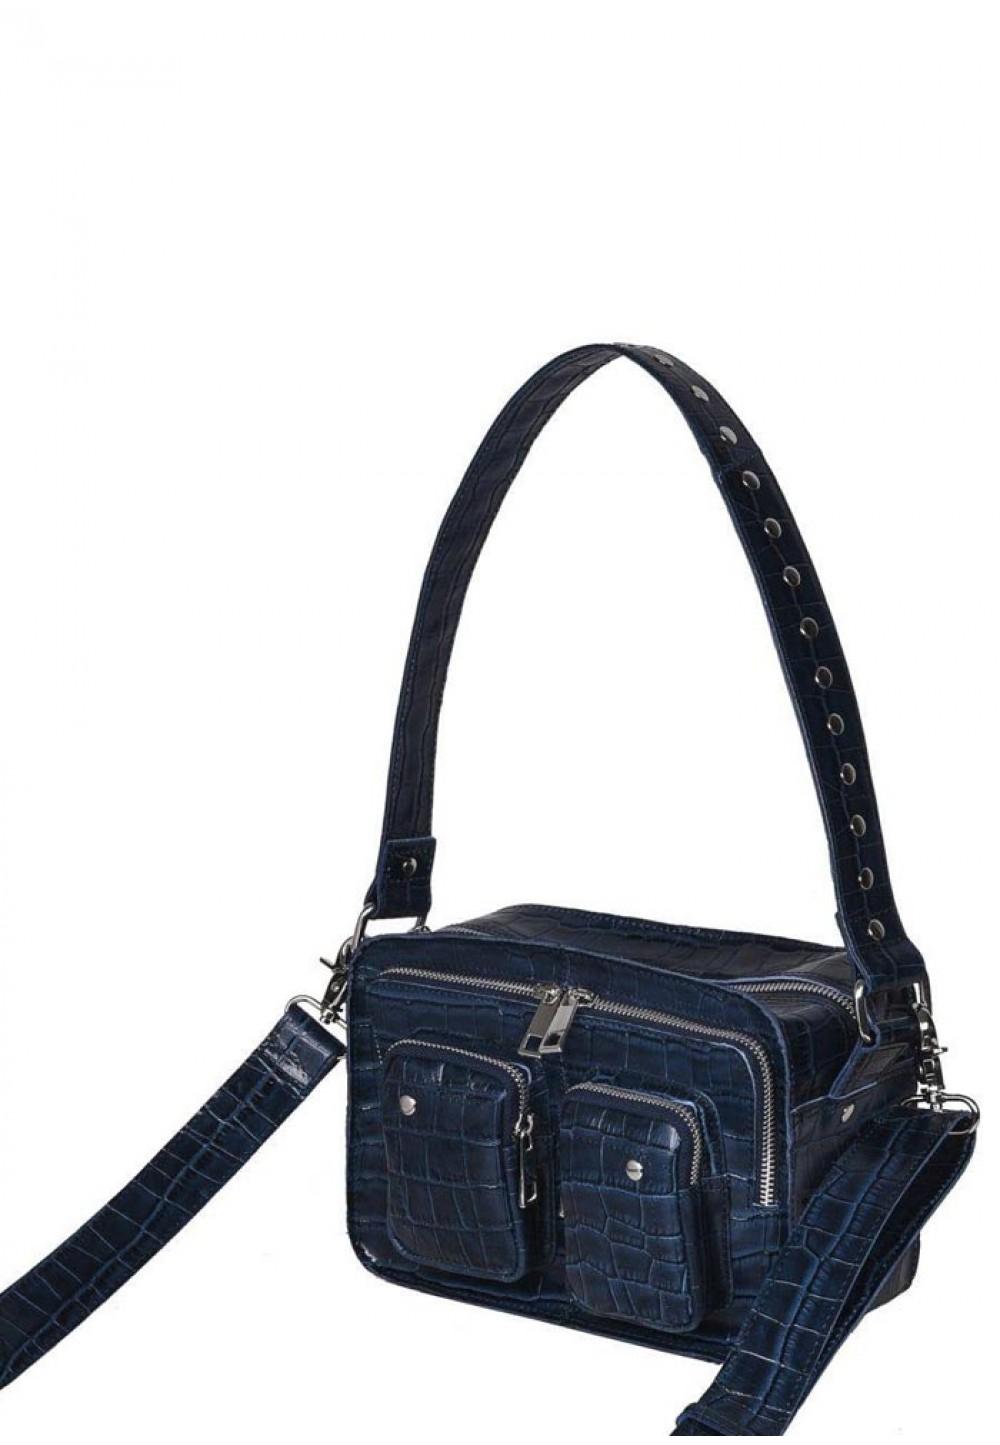 Синяя кожаная женская сумка Ellie croco